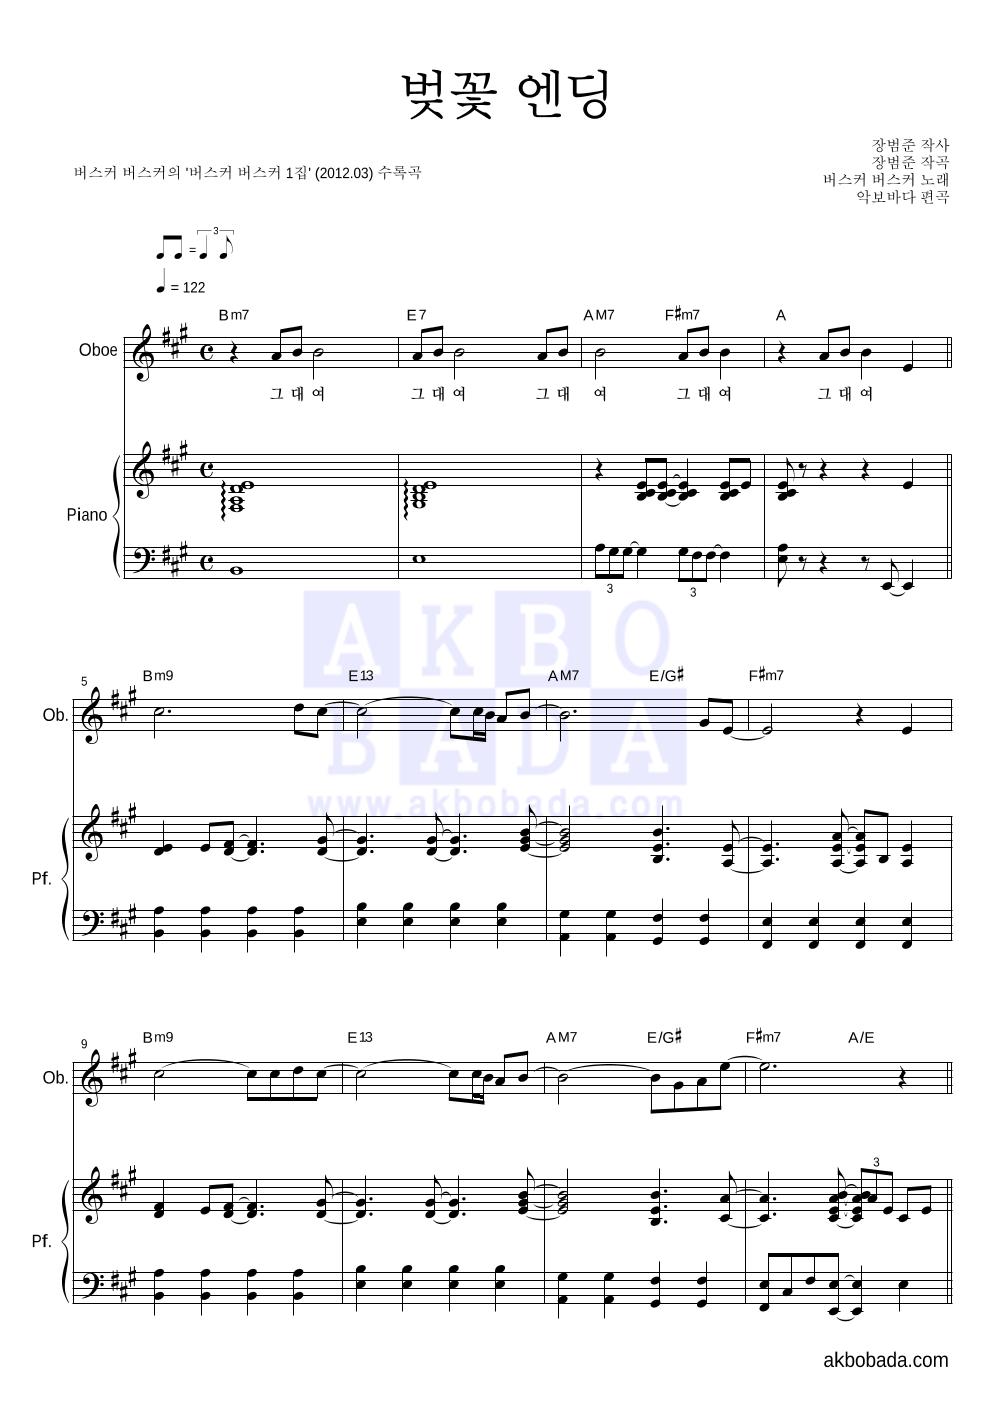 버스커 버스커 - 벚꽃 엔딩 오보에&피아노 악보